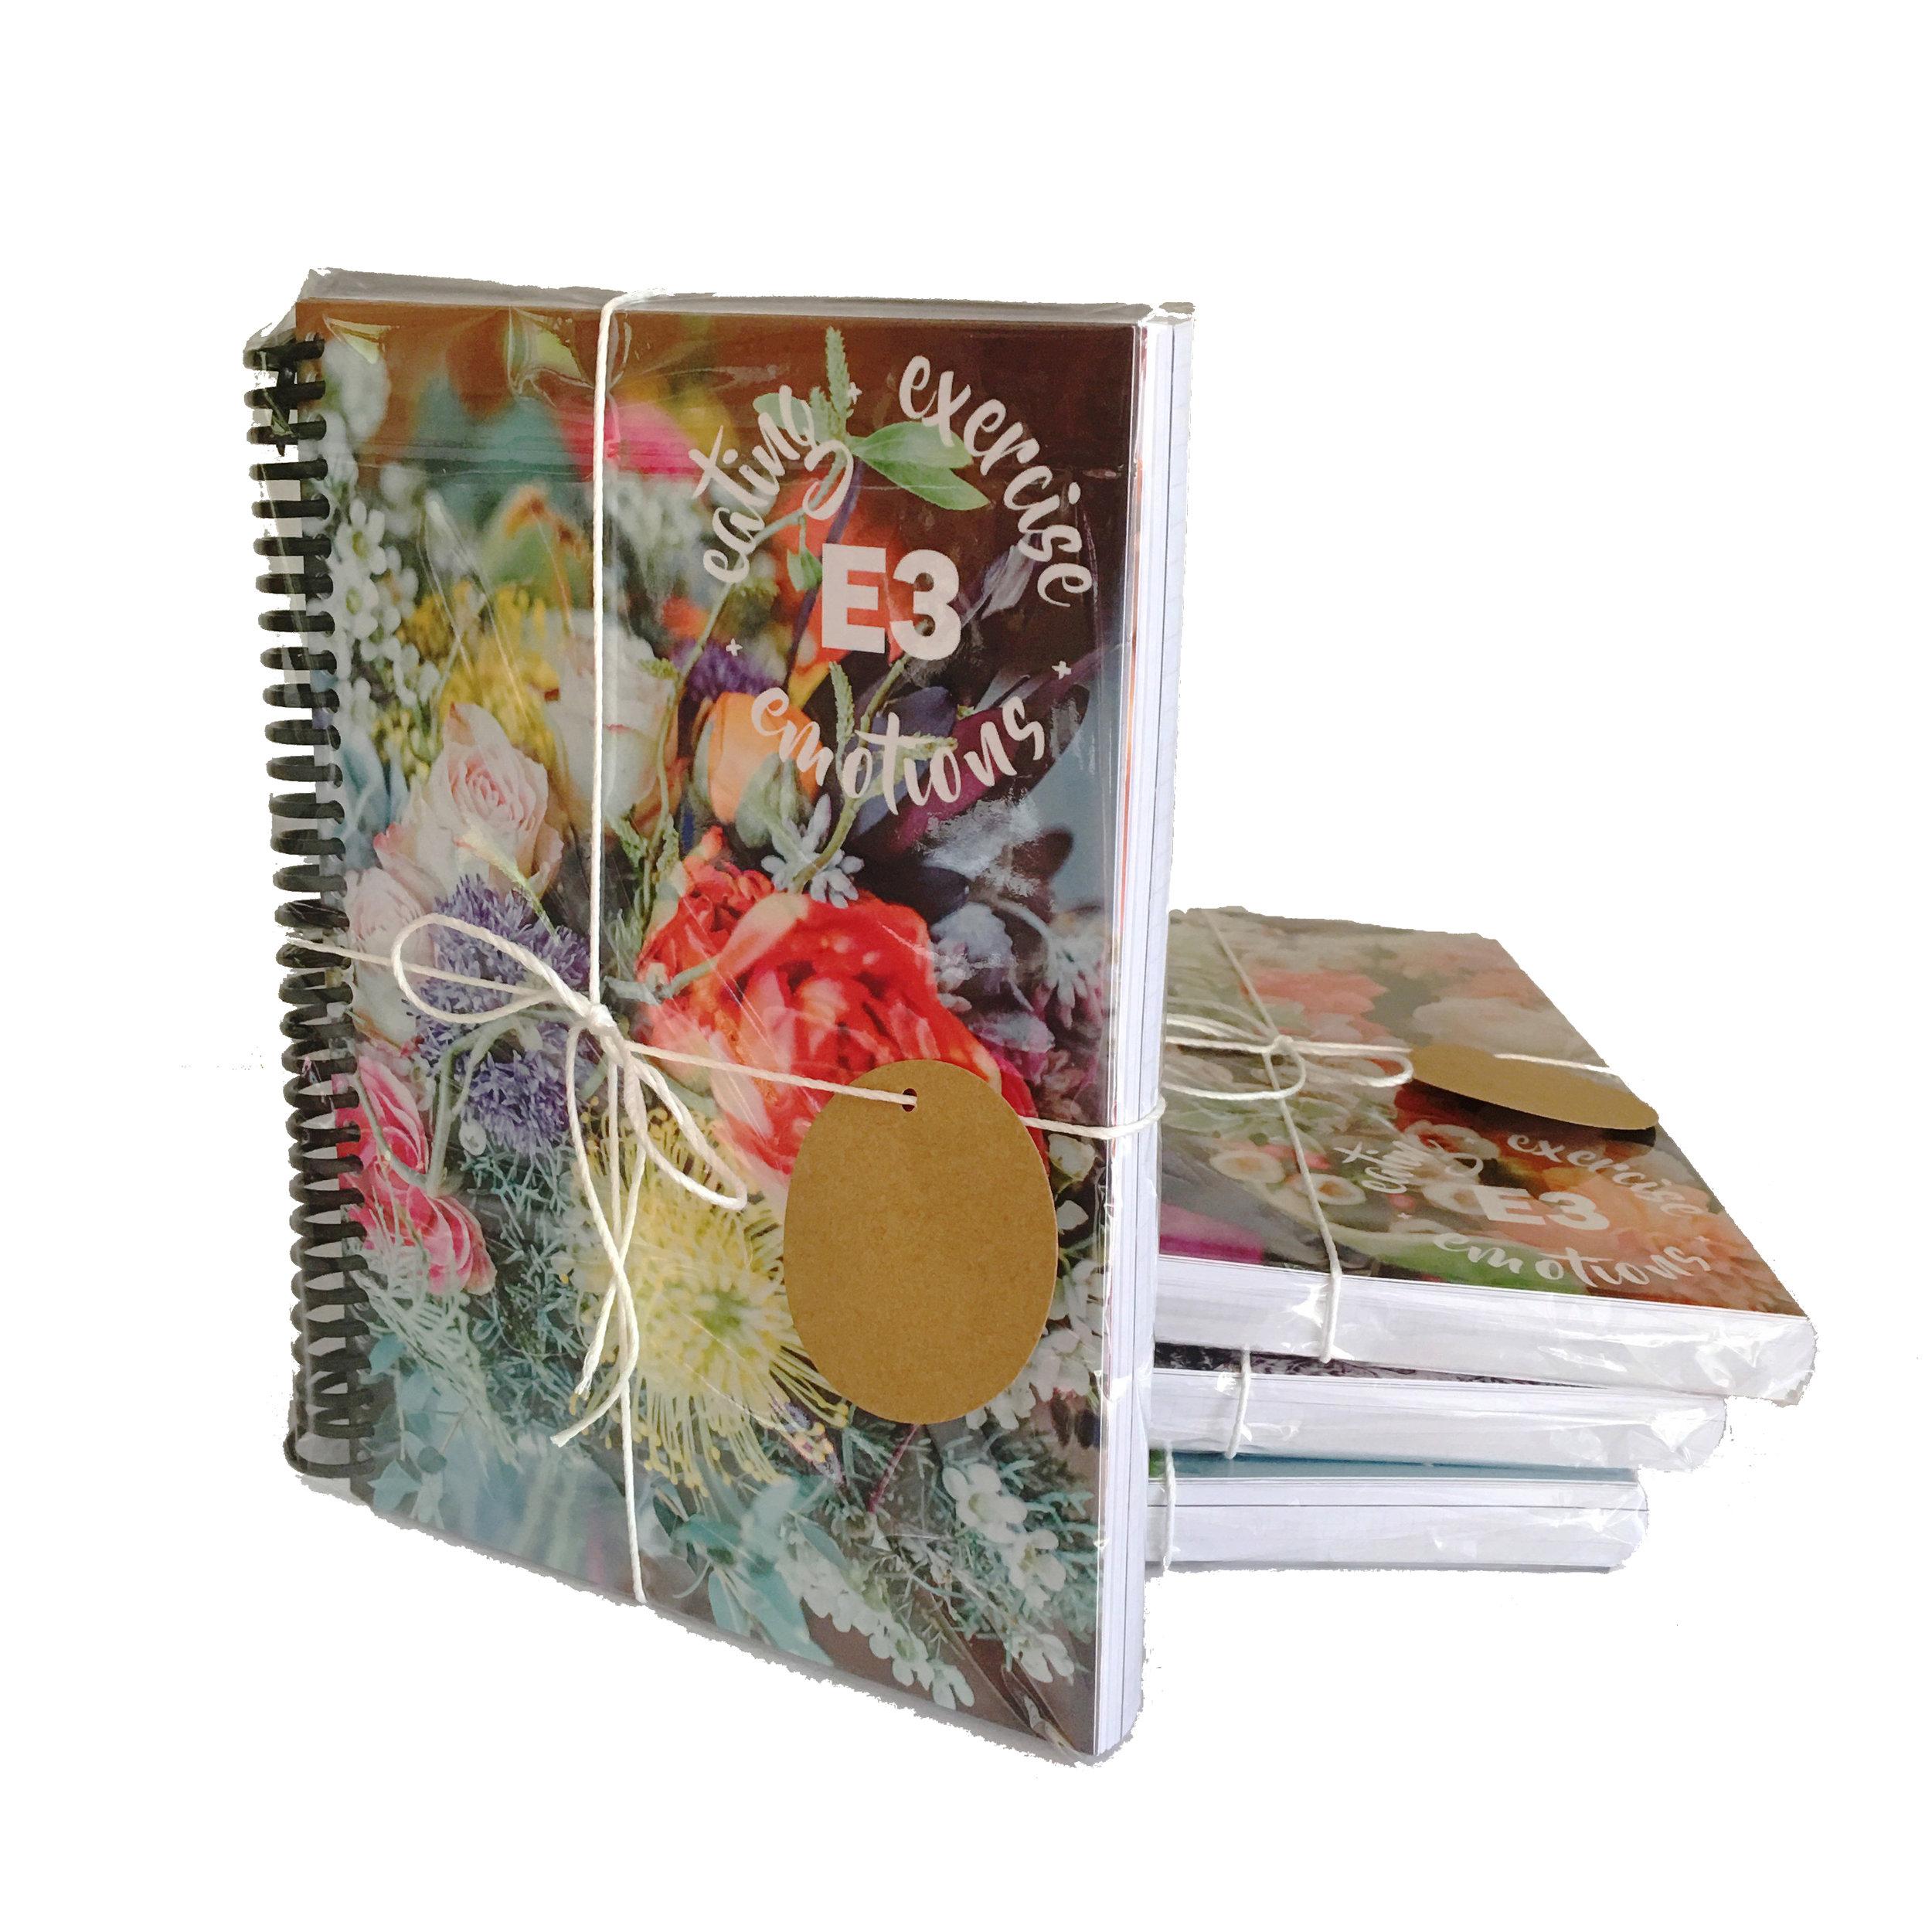 wellbeing journals - $35